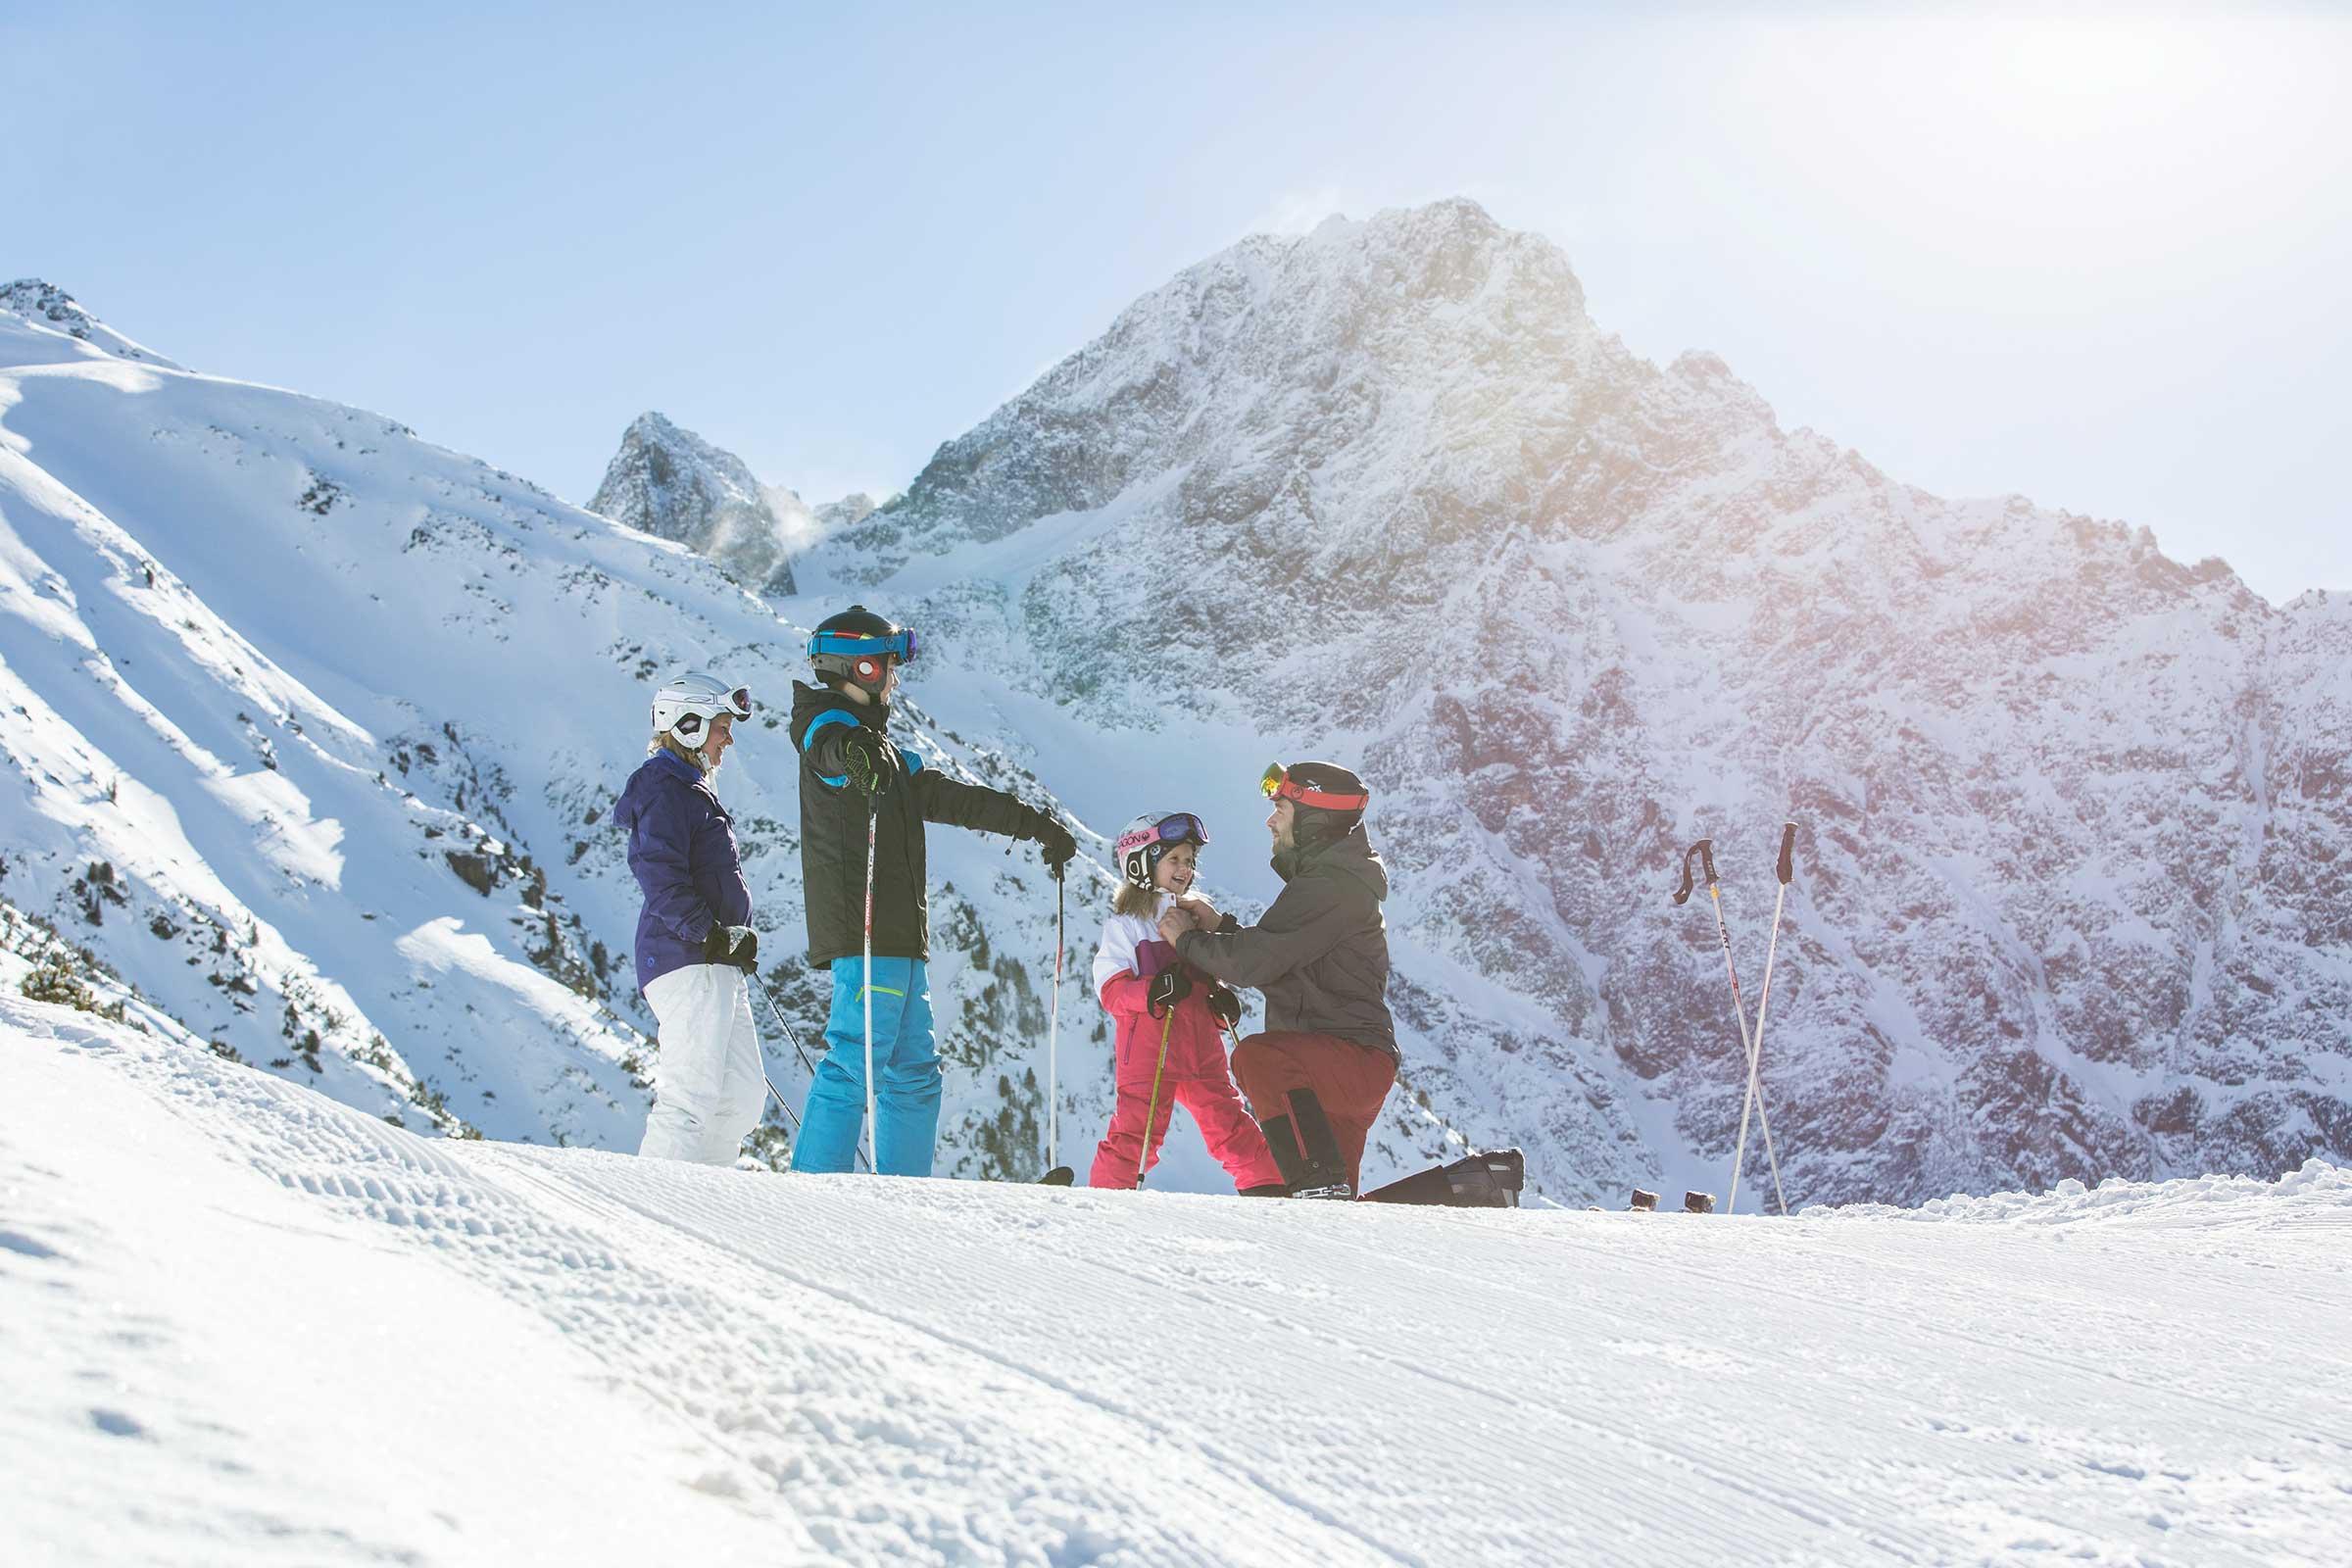 Familie beim Skifahren in Hochoetz - Skifahren im Ötztal